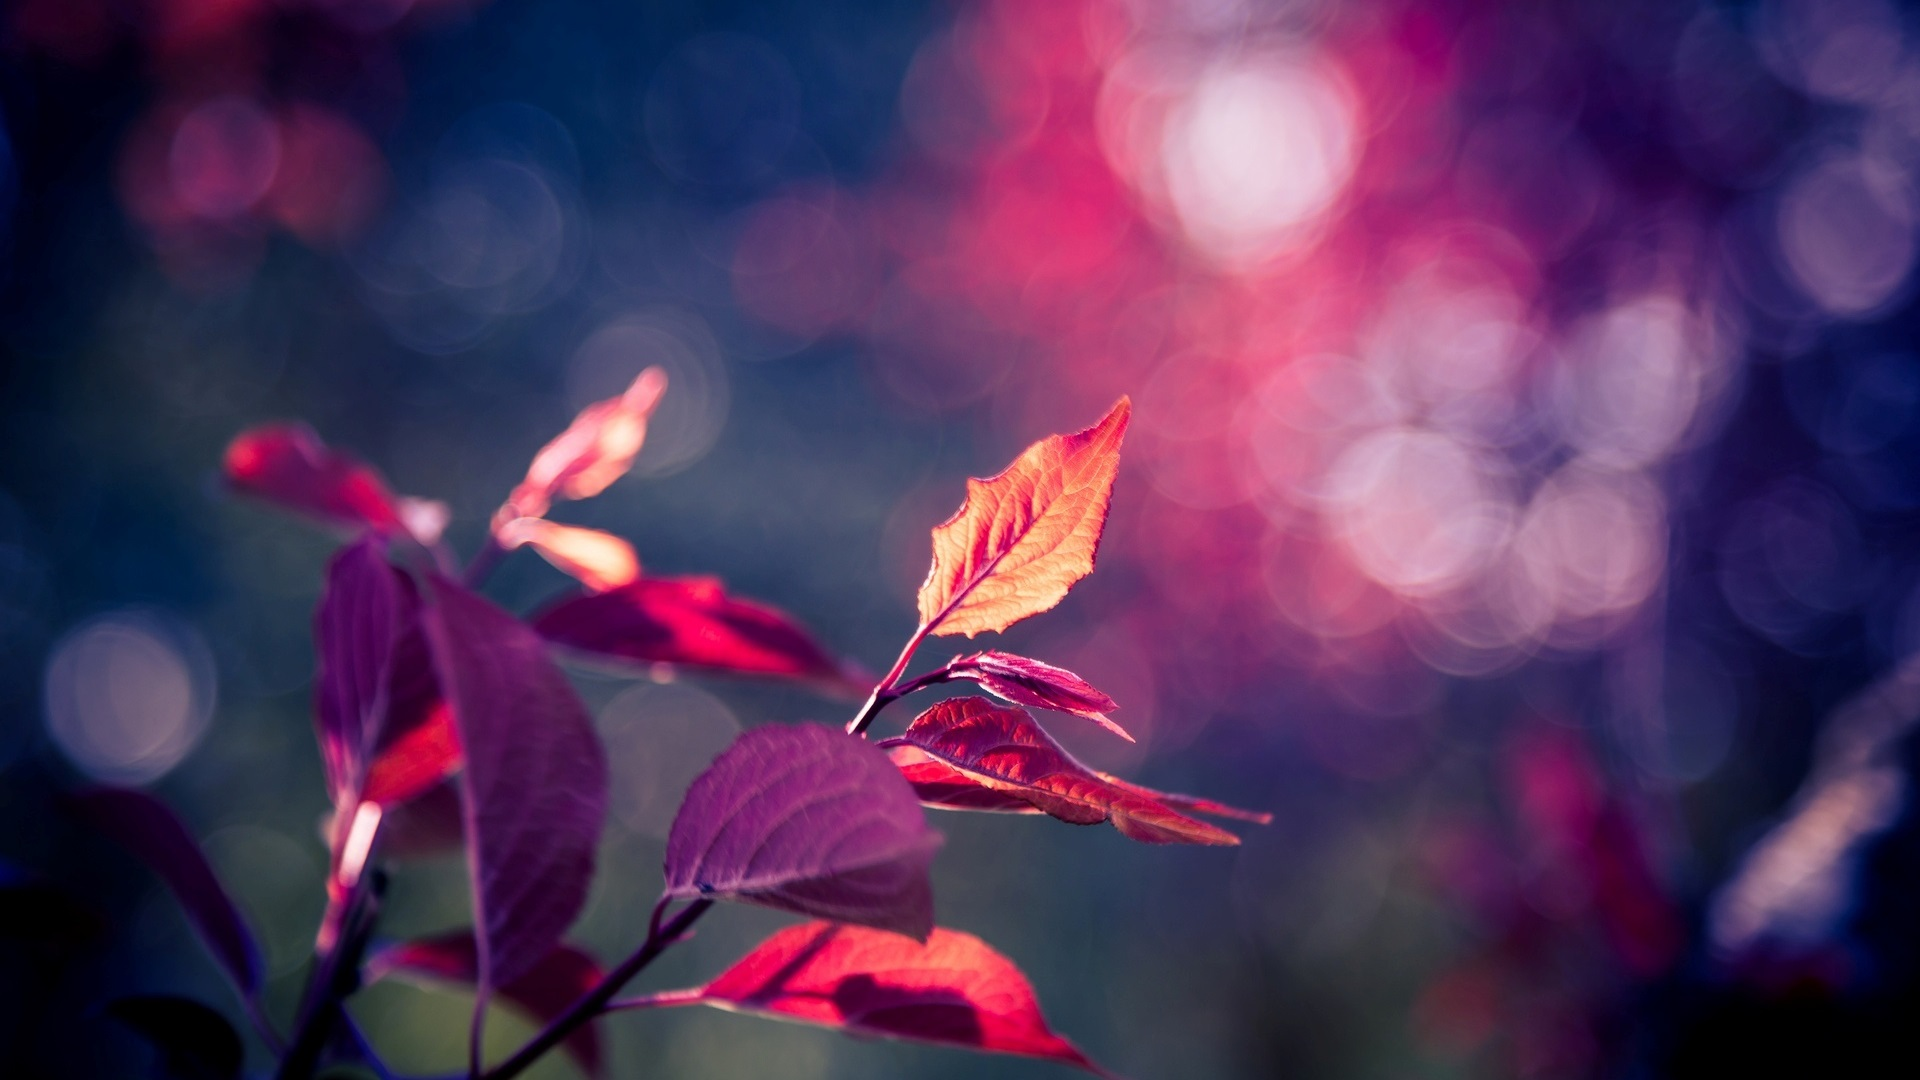 rose feuilles pourpres macro, bokeh fonds d'écran x fonds d